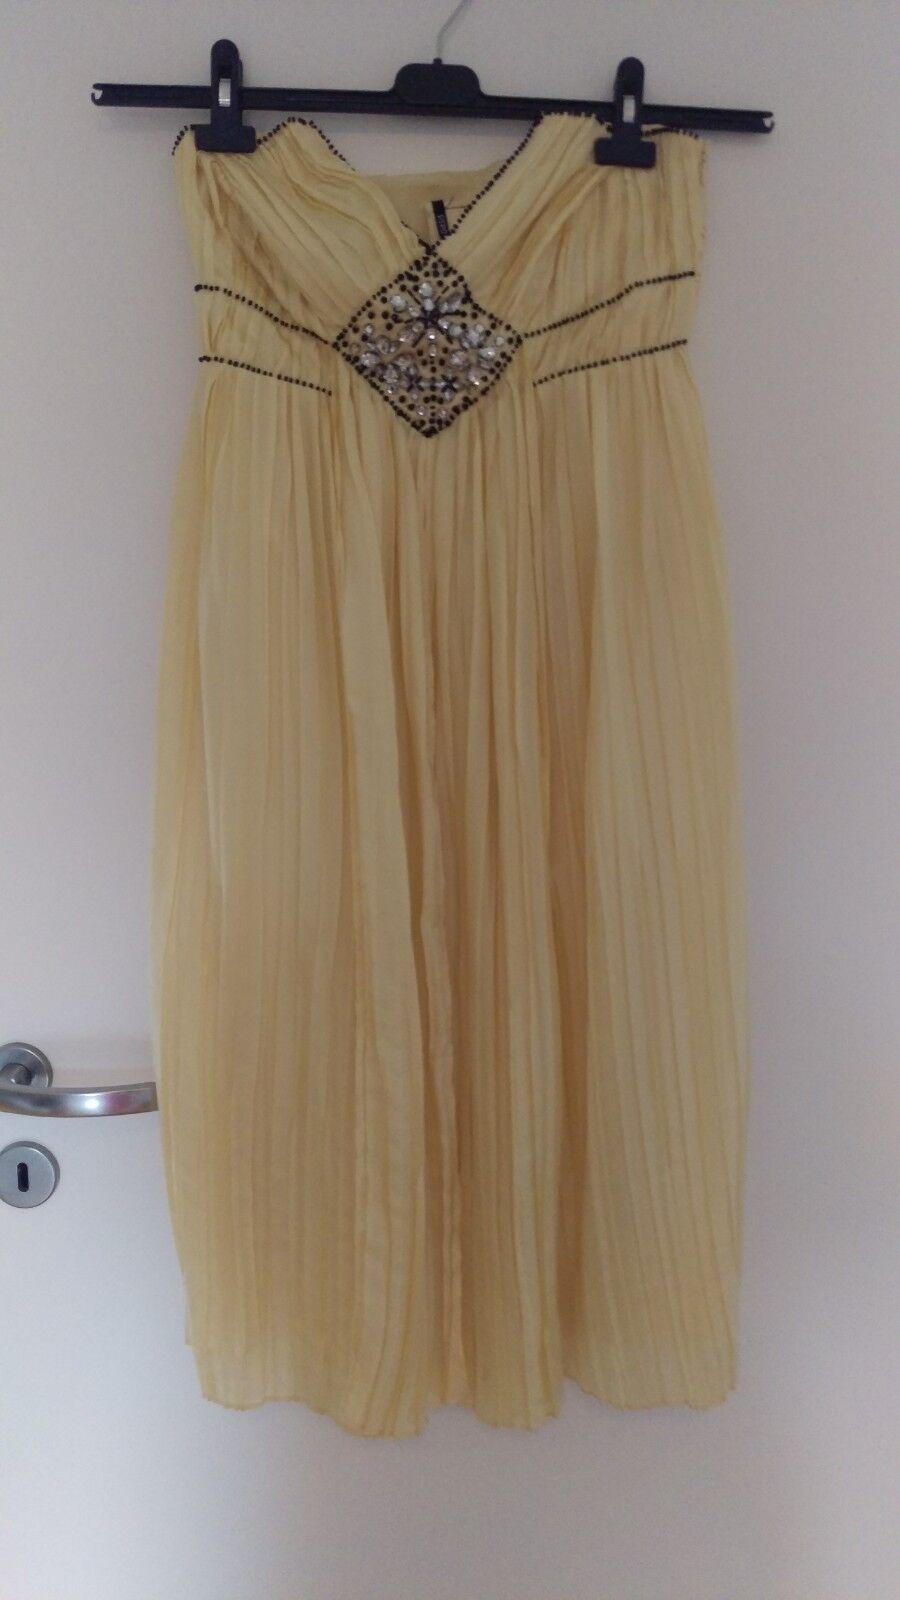 Oasis Faltenkleid Fest Damenkleid 100 %  Seide Größe 36 festlich edel Kleid